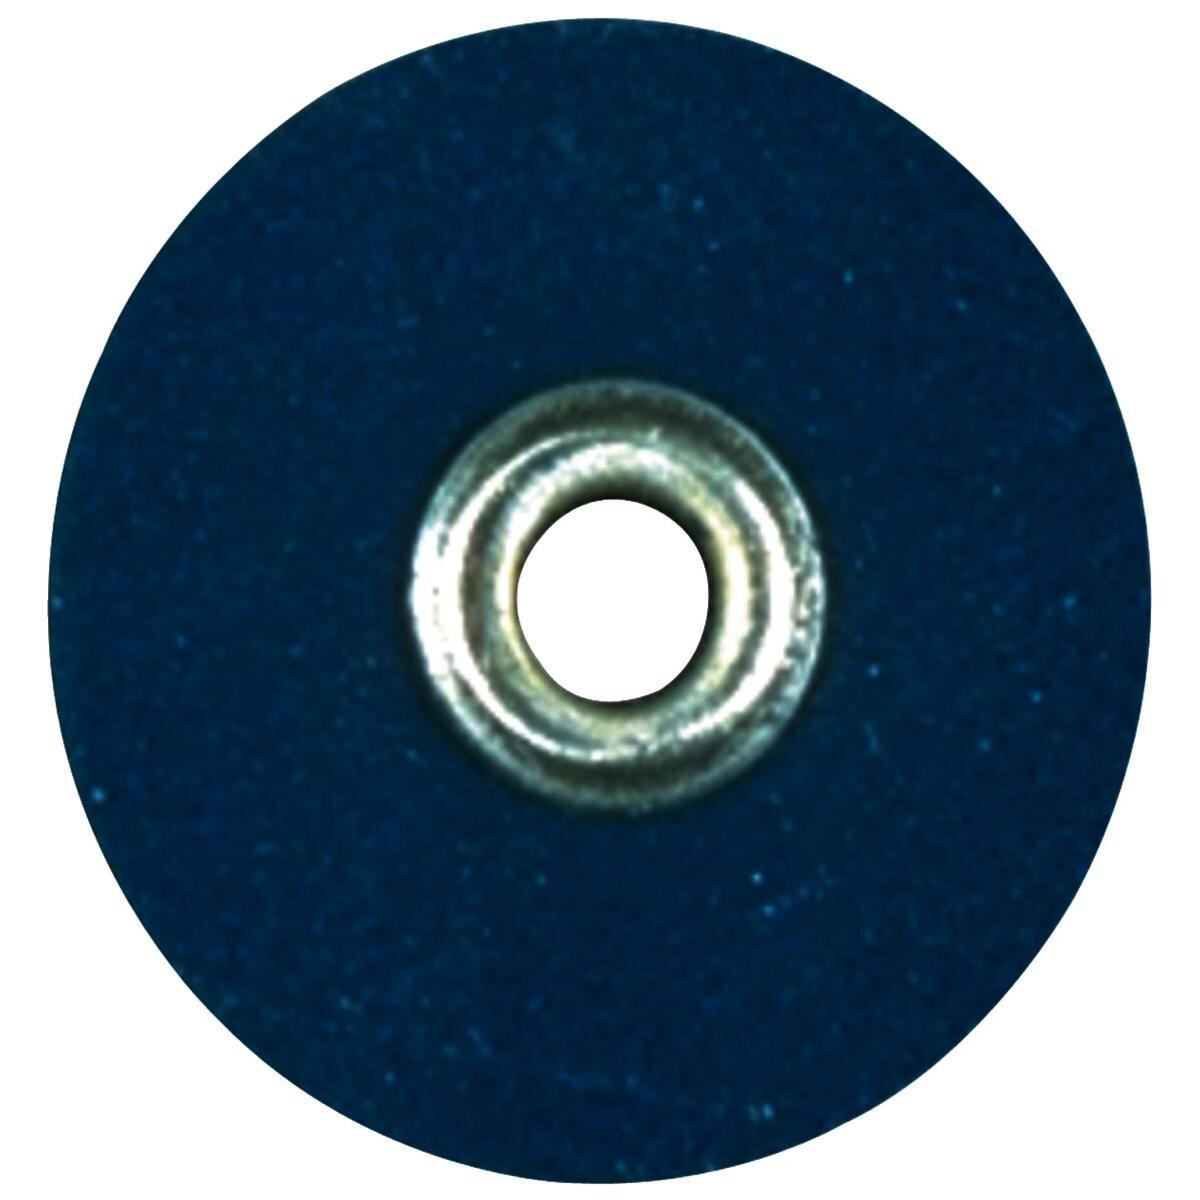 3M Sof-Lex Discs 85pk 3/8 9.5mm Dark Blue - Medium - DMI Dental Supplies Ireland - Next Day Delivery